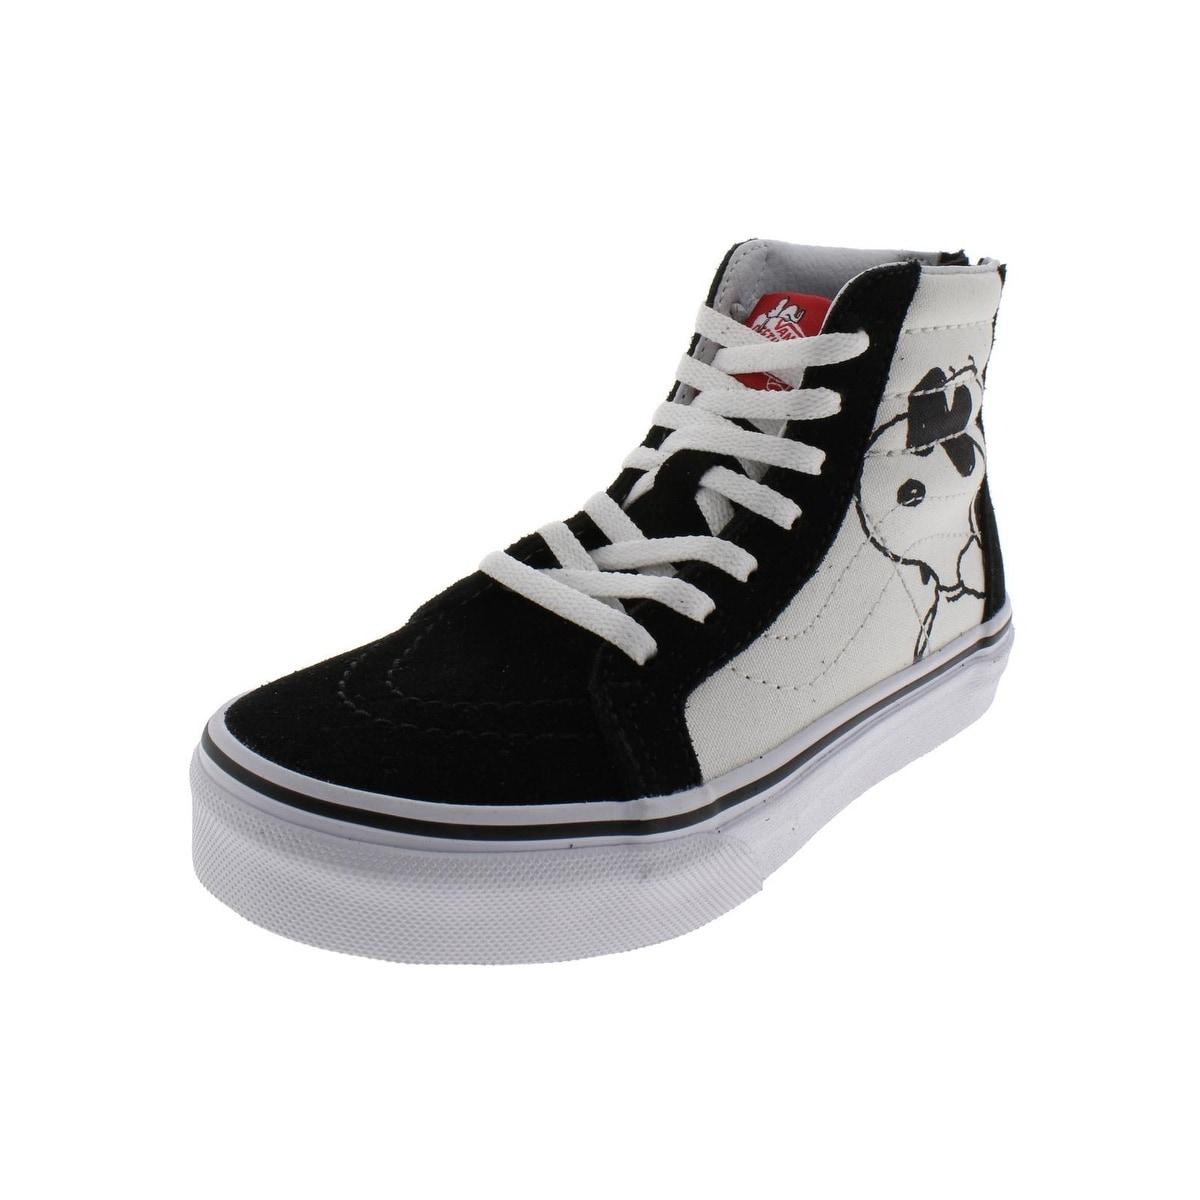 088af6ad51 Vans Boys  Shoes